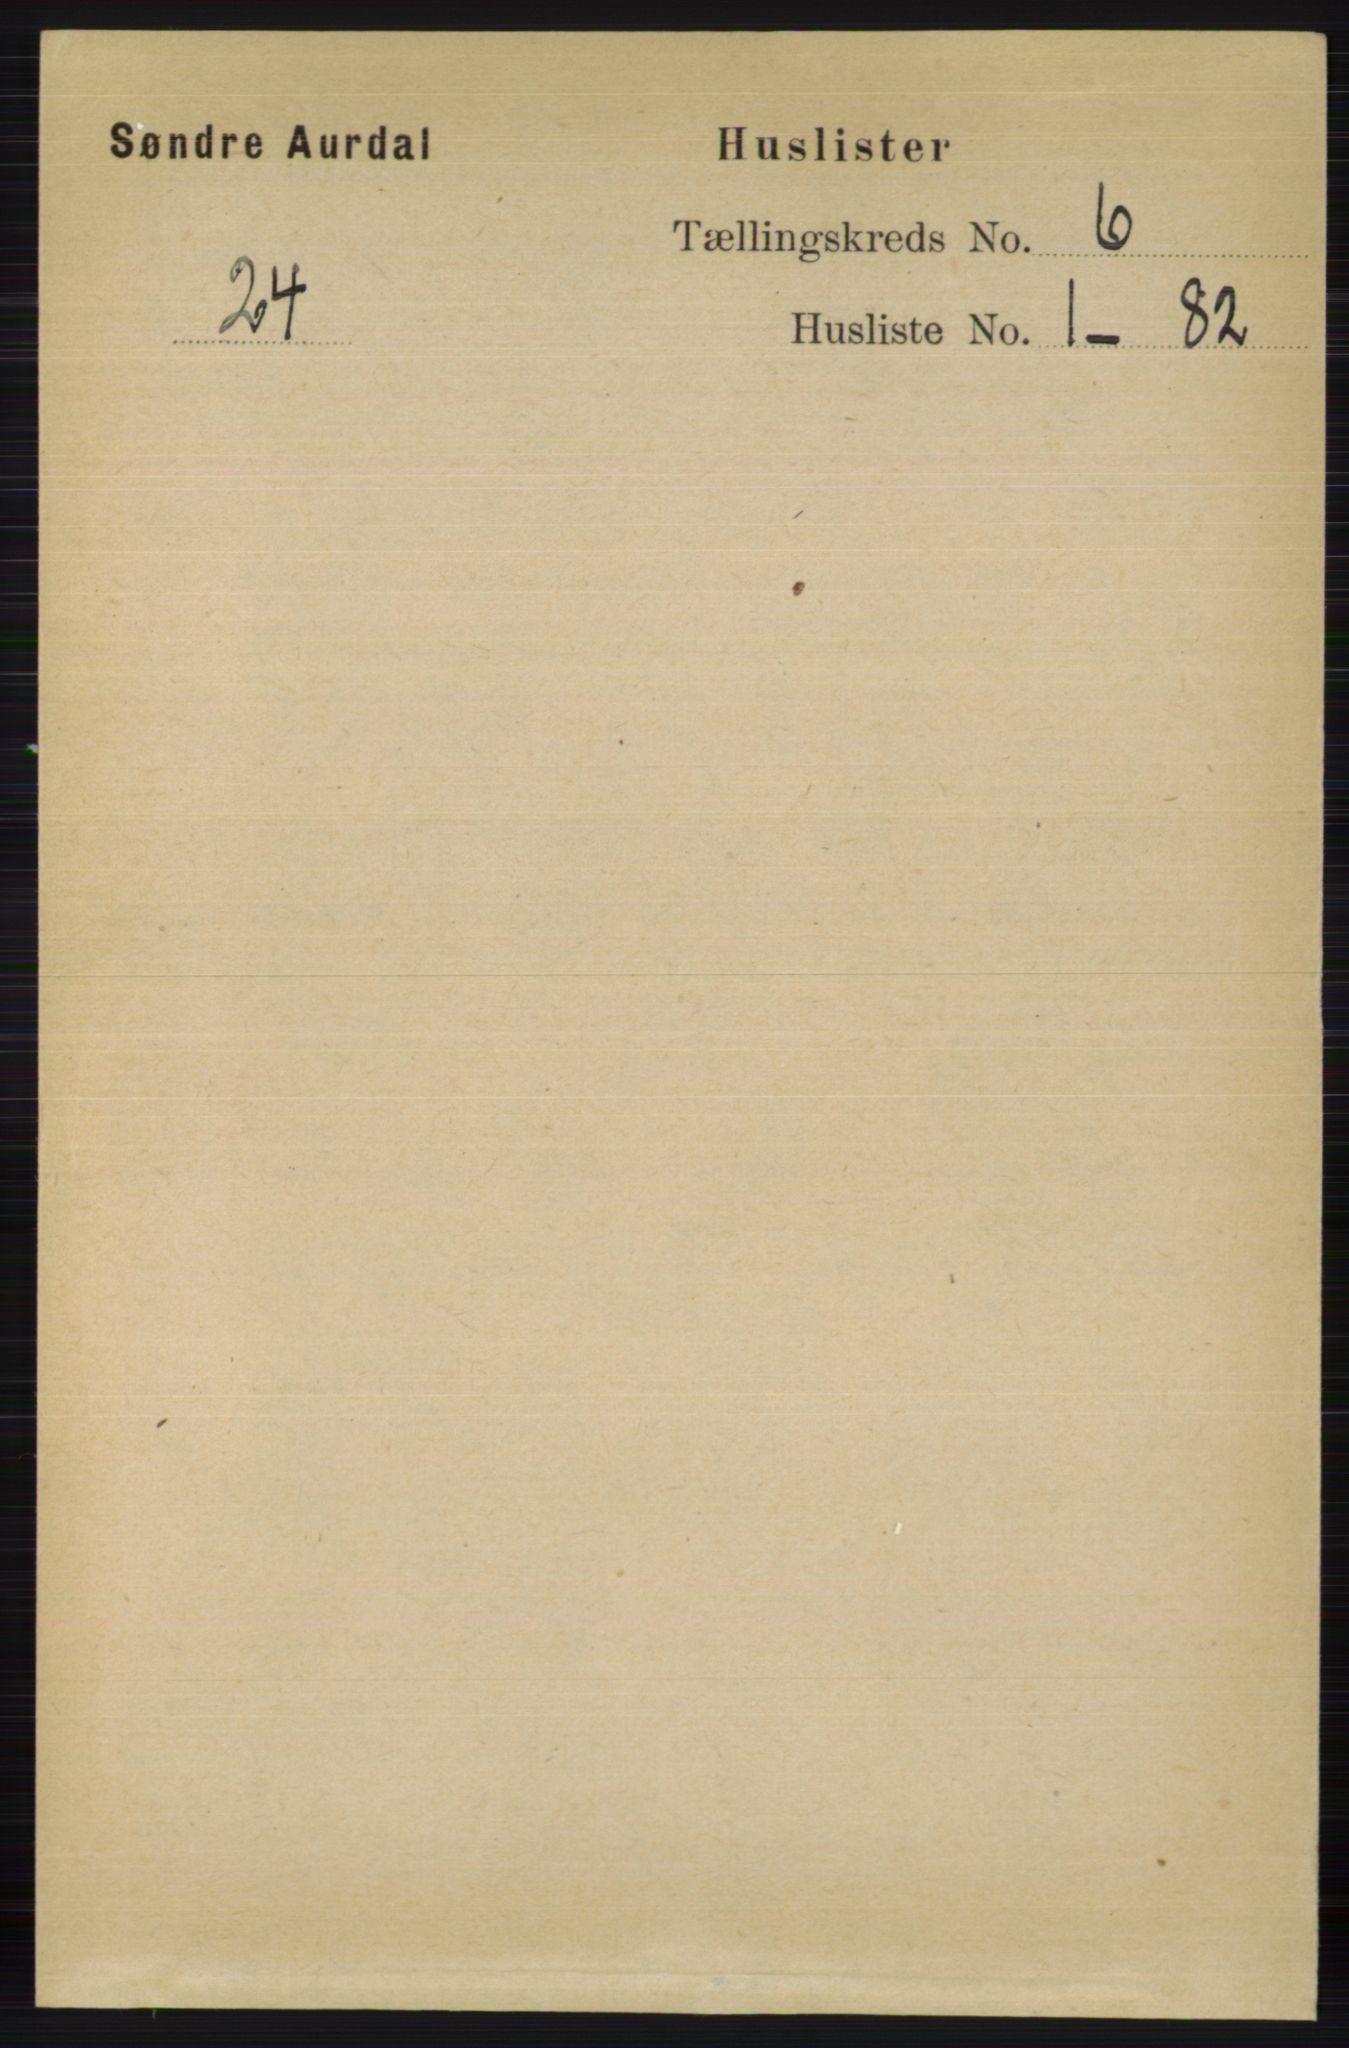 RA, Folketelling 1891 for 0540 Sør-Aurdal herred, 1891, s. 3726